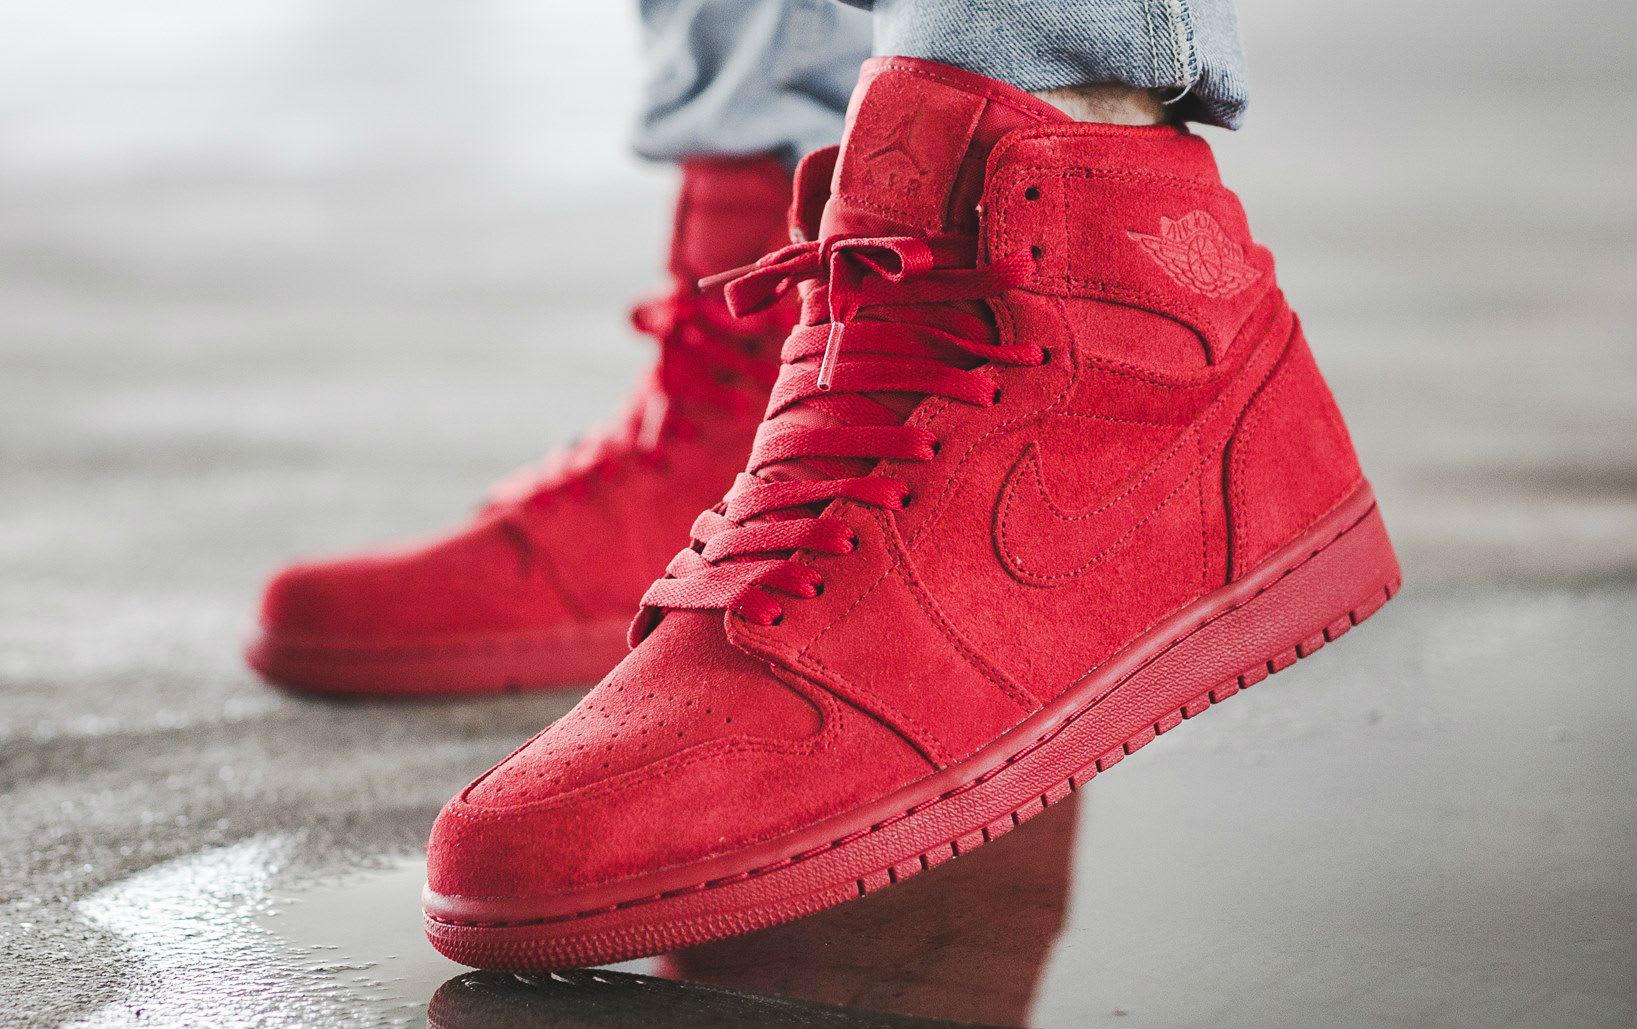 Air Jordan 1 Red Suede On-Foot 332550-603 (3)